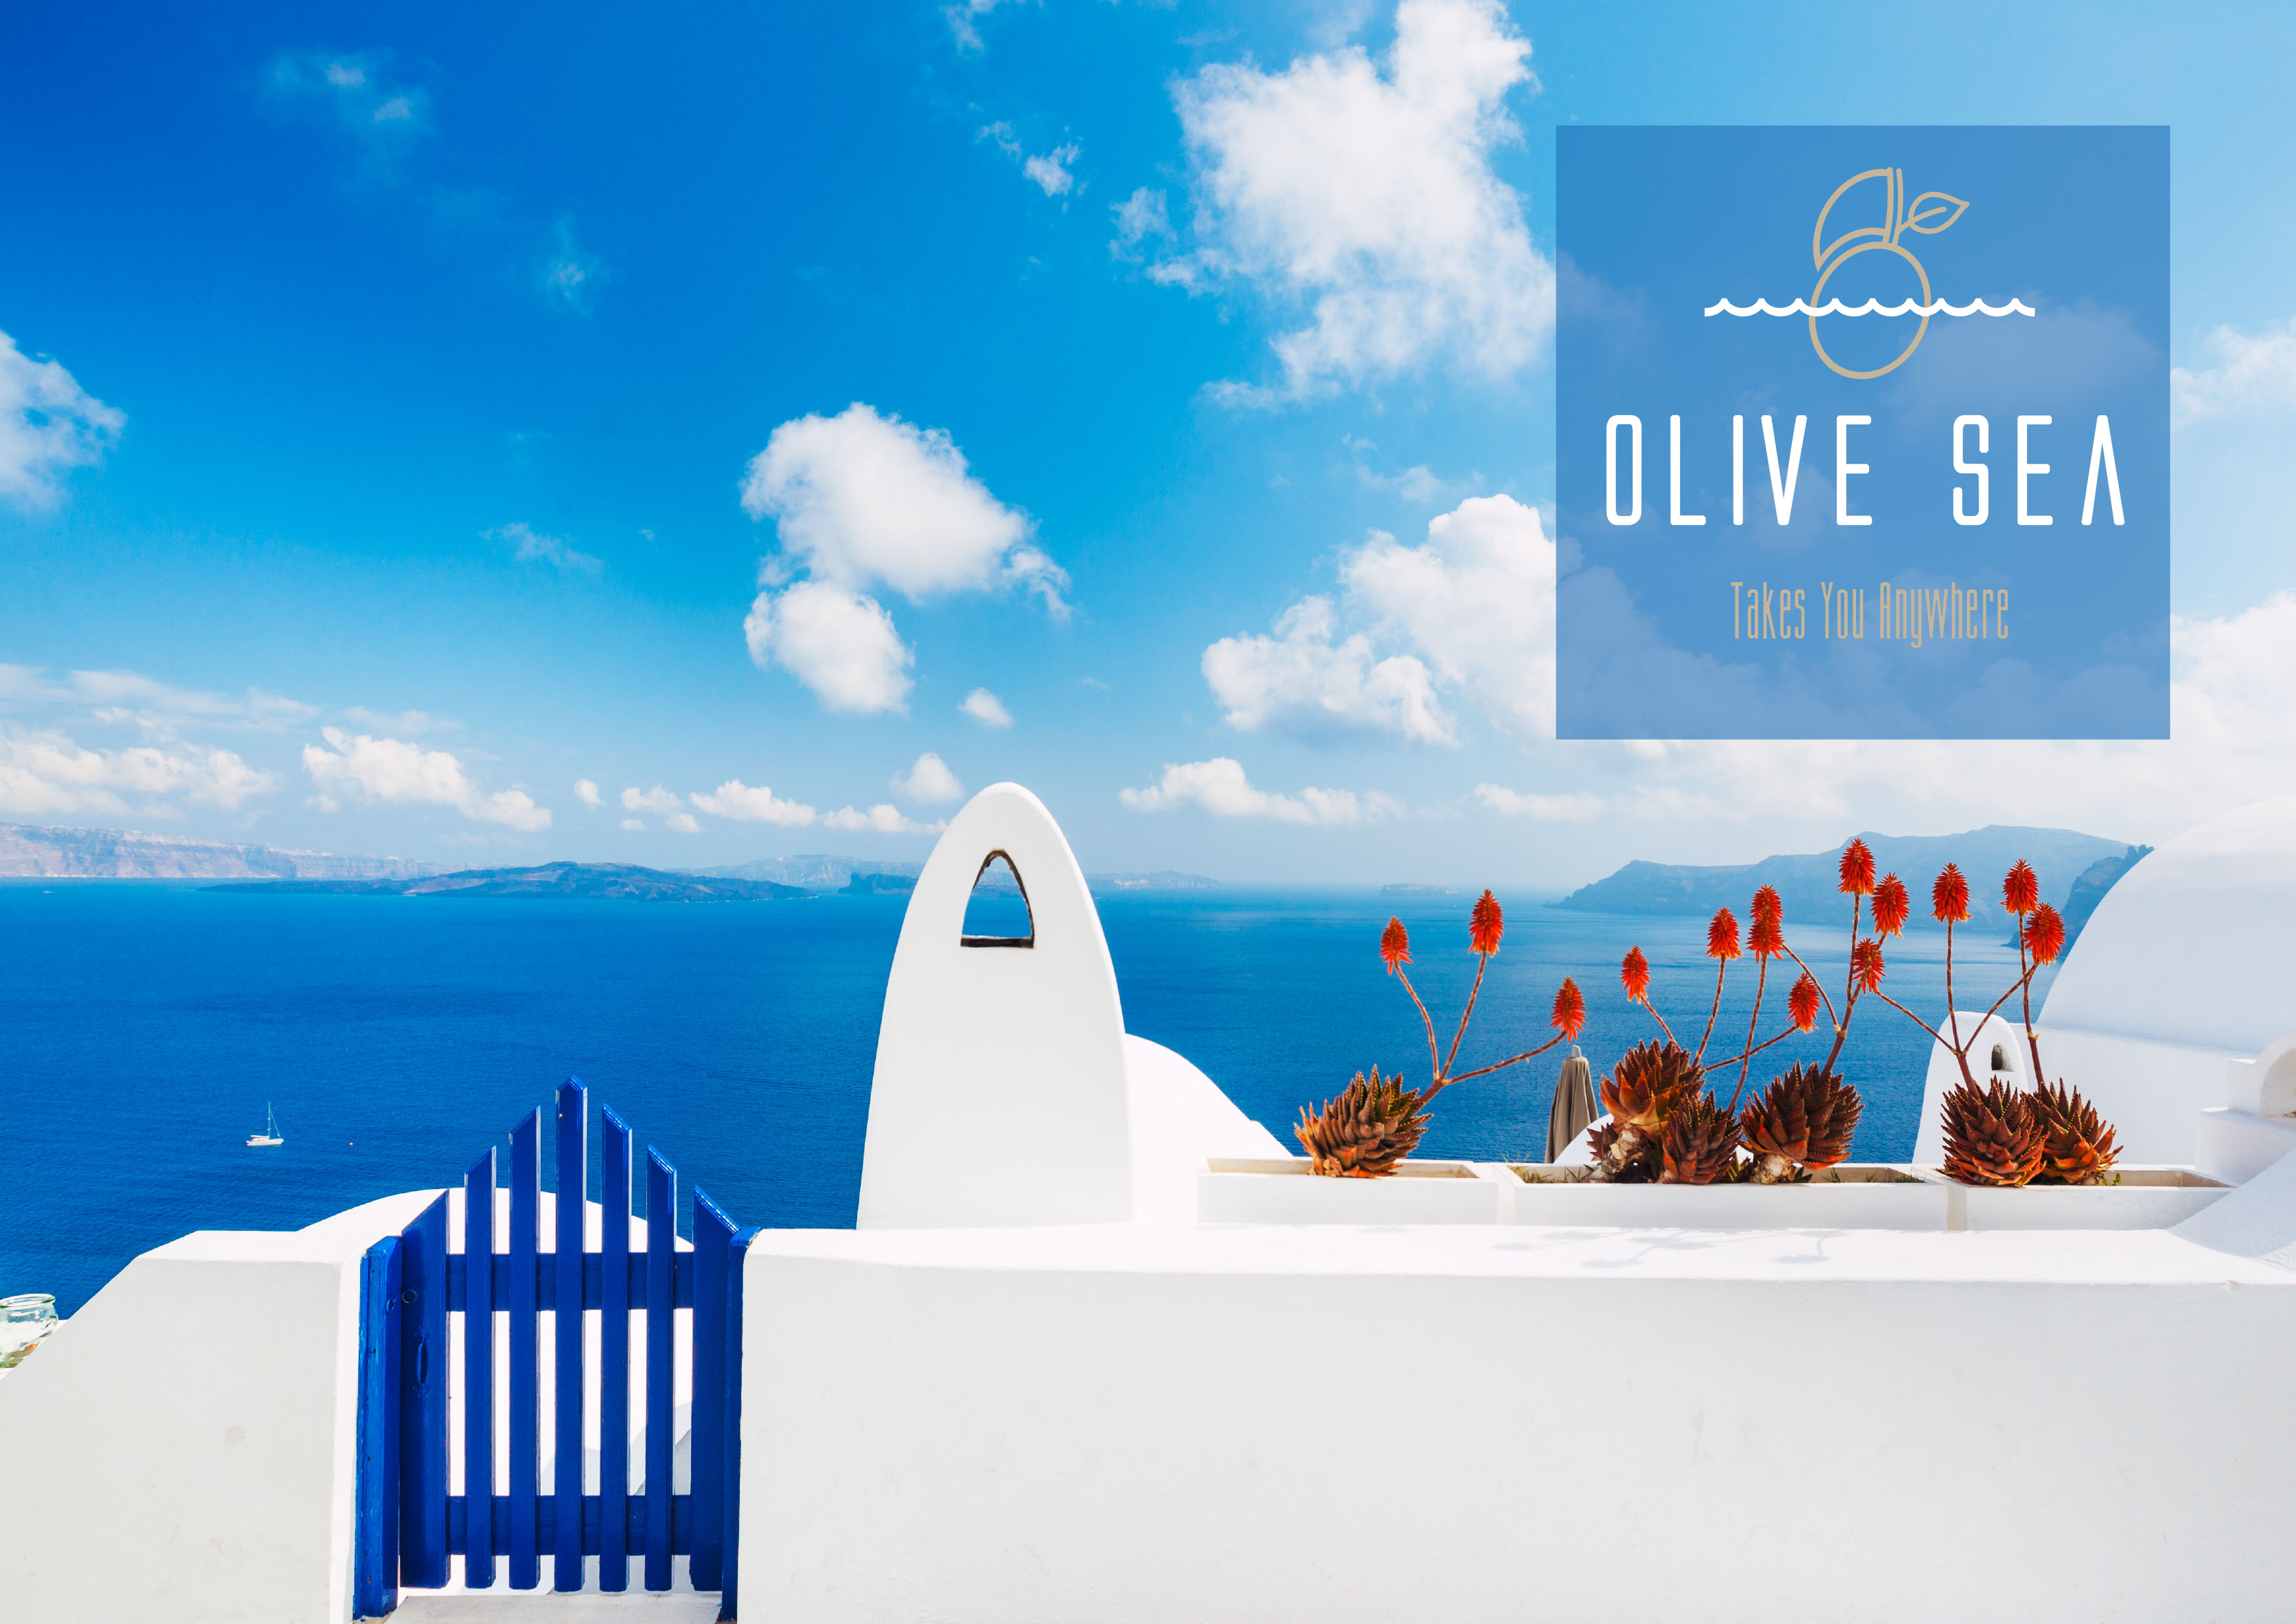 Olive Sea διαφήμιση αφίσα